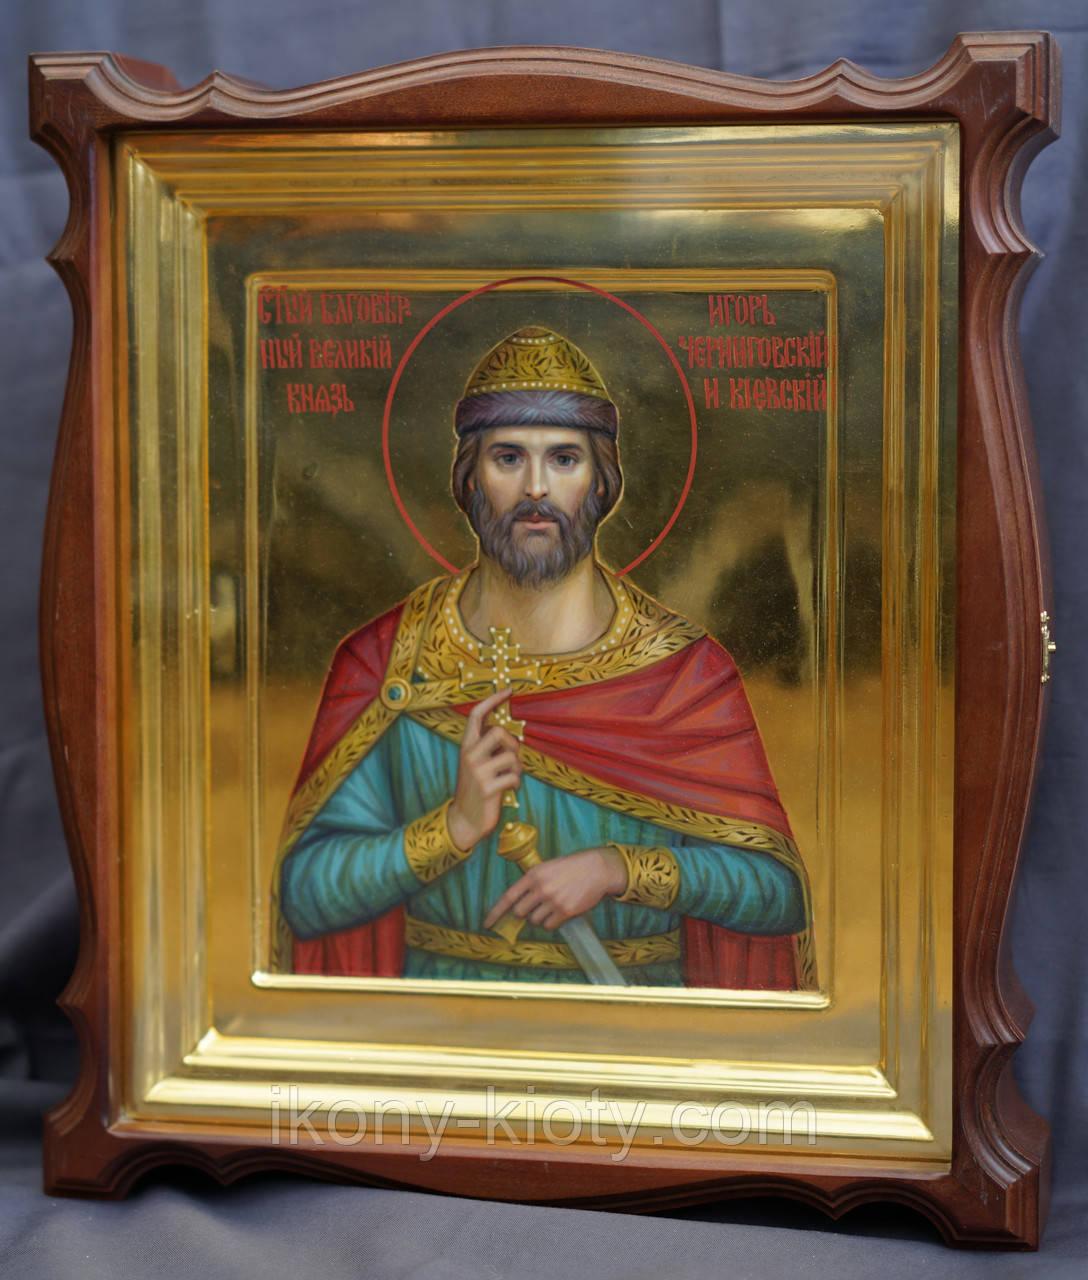 Киот для иконы Святого Игоря Черниговского, фигурный, открывающийся, с золочёной внутренней рамкой.